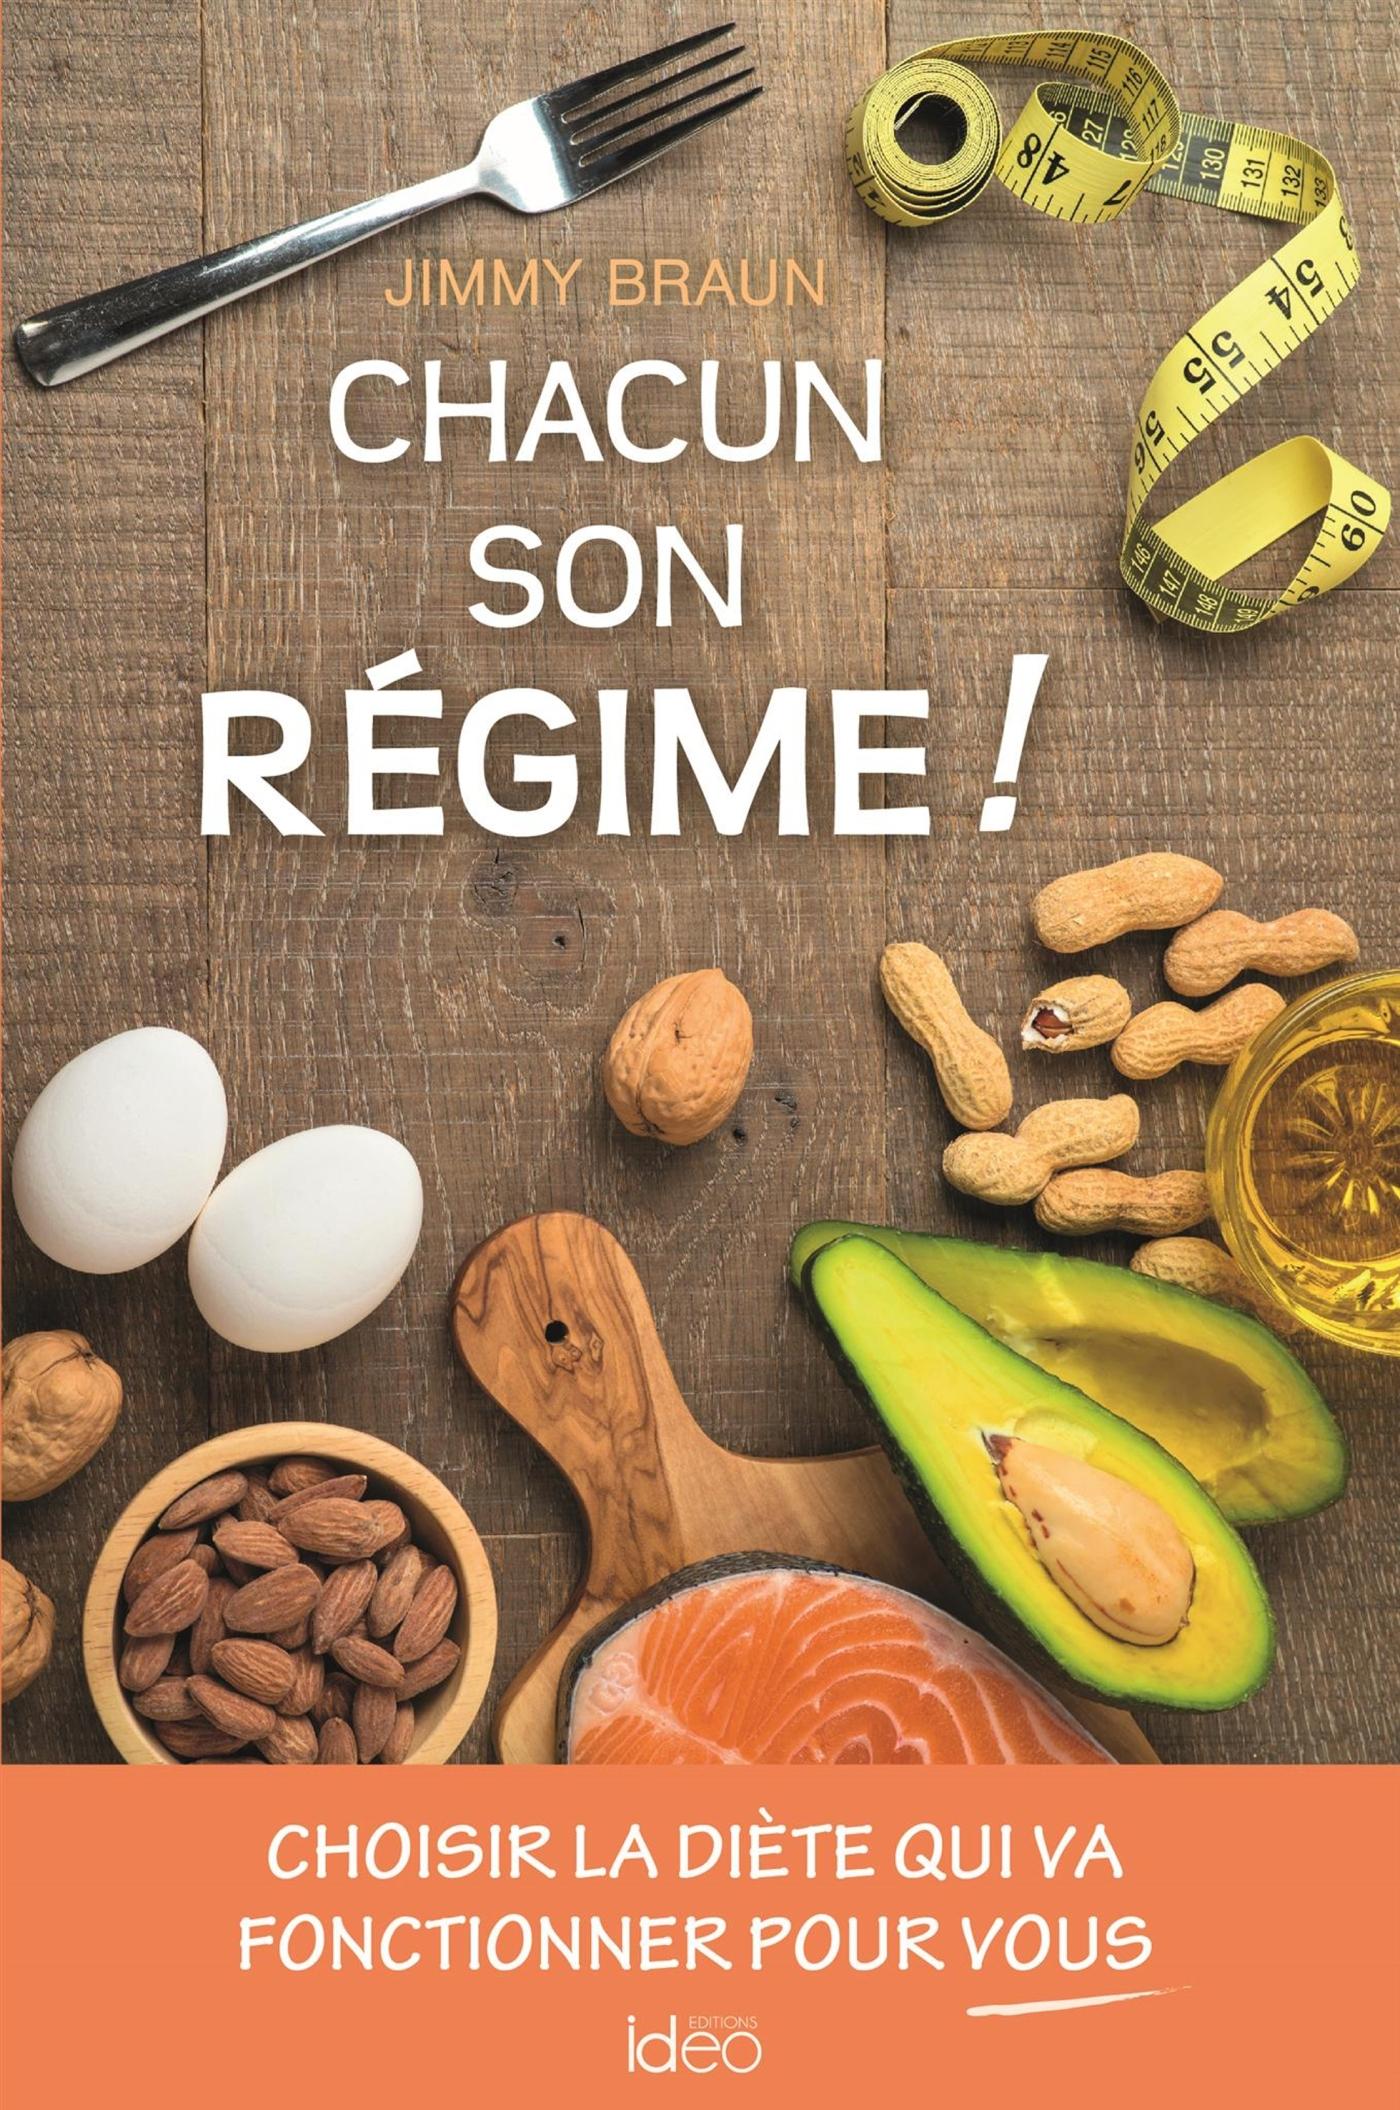 CHACUN SON REGIME ! - CHOISIR LA DIETE QUI VA FONCTIONNER POUR VOUS